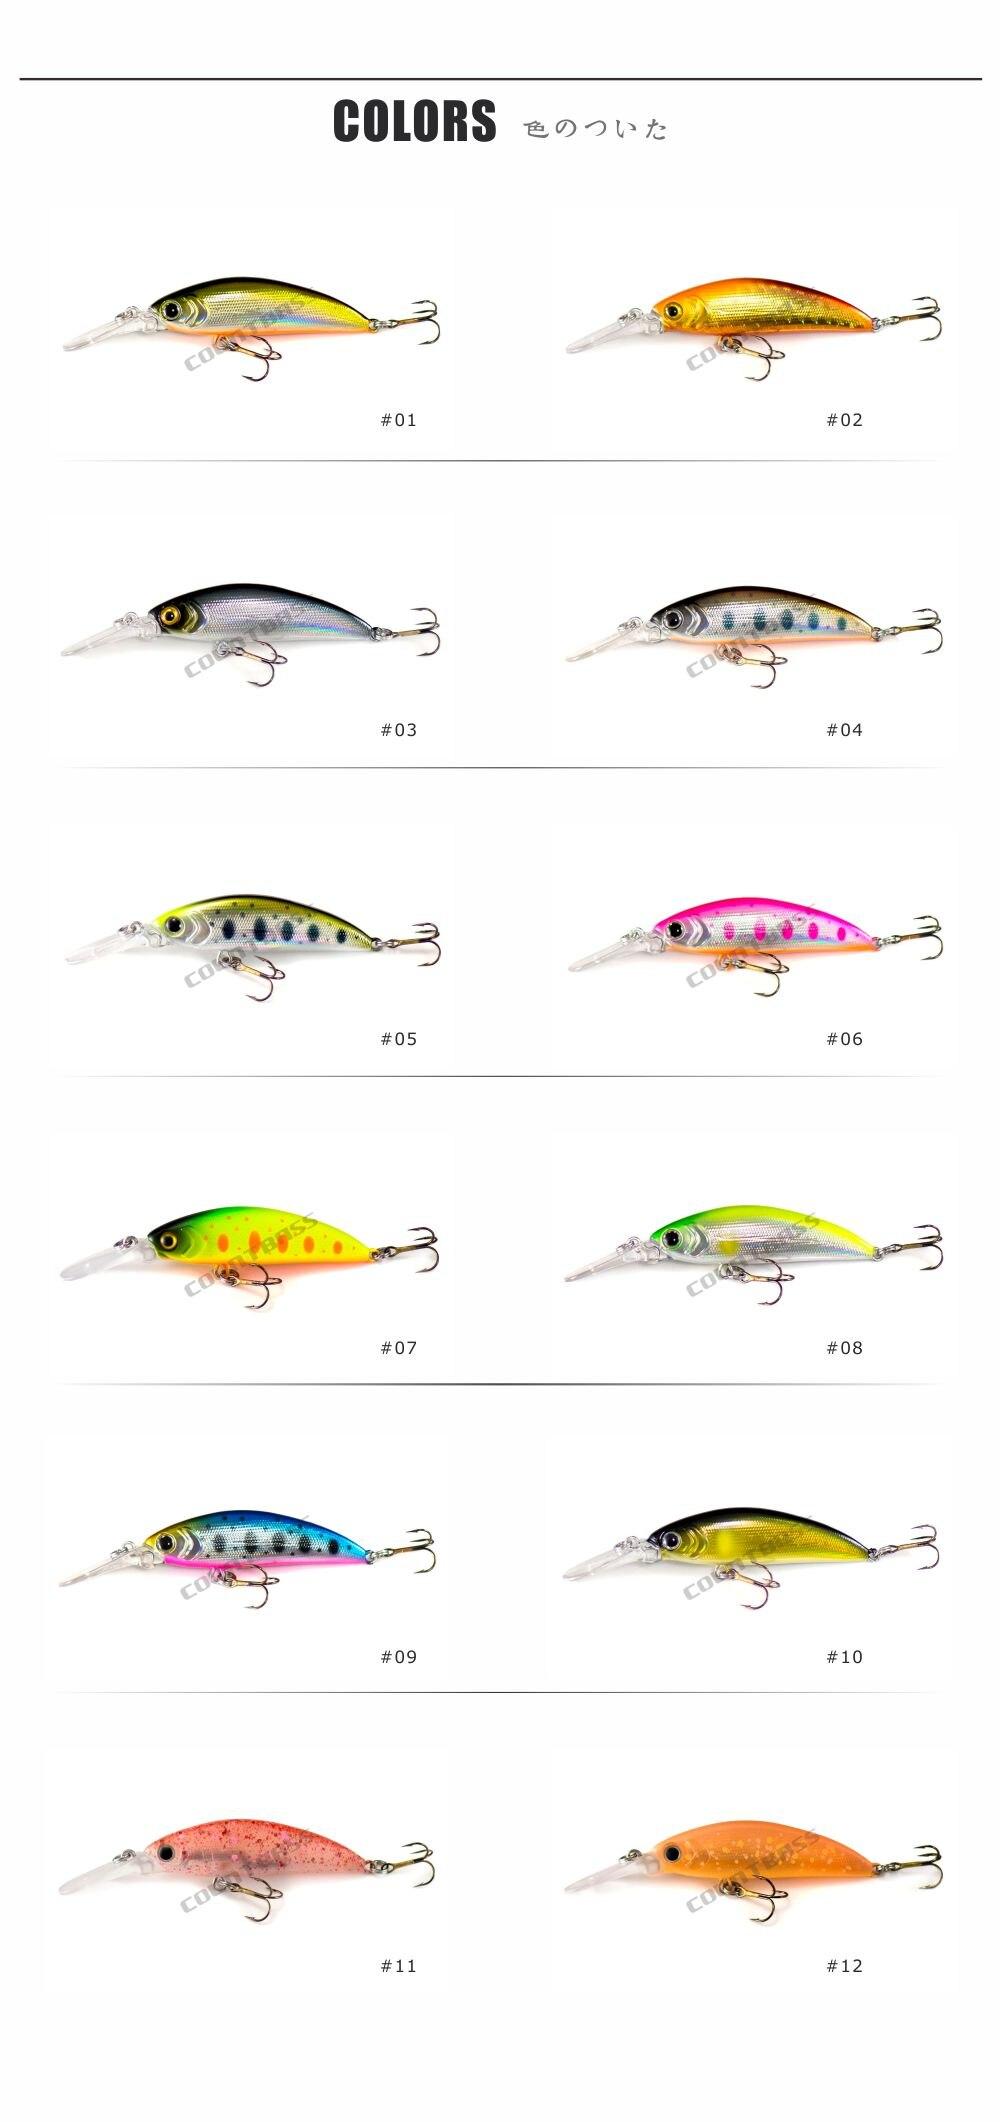 AM156-colors